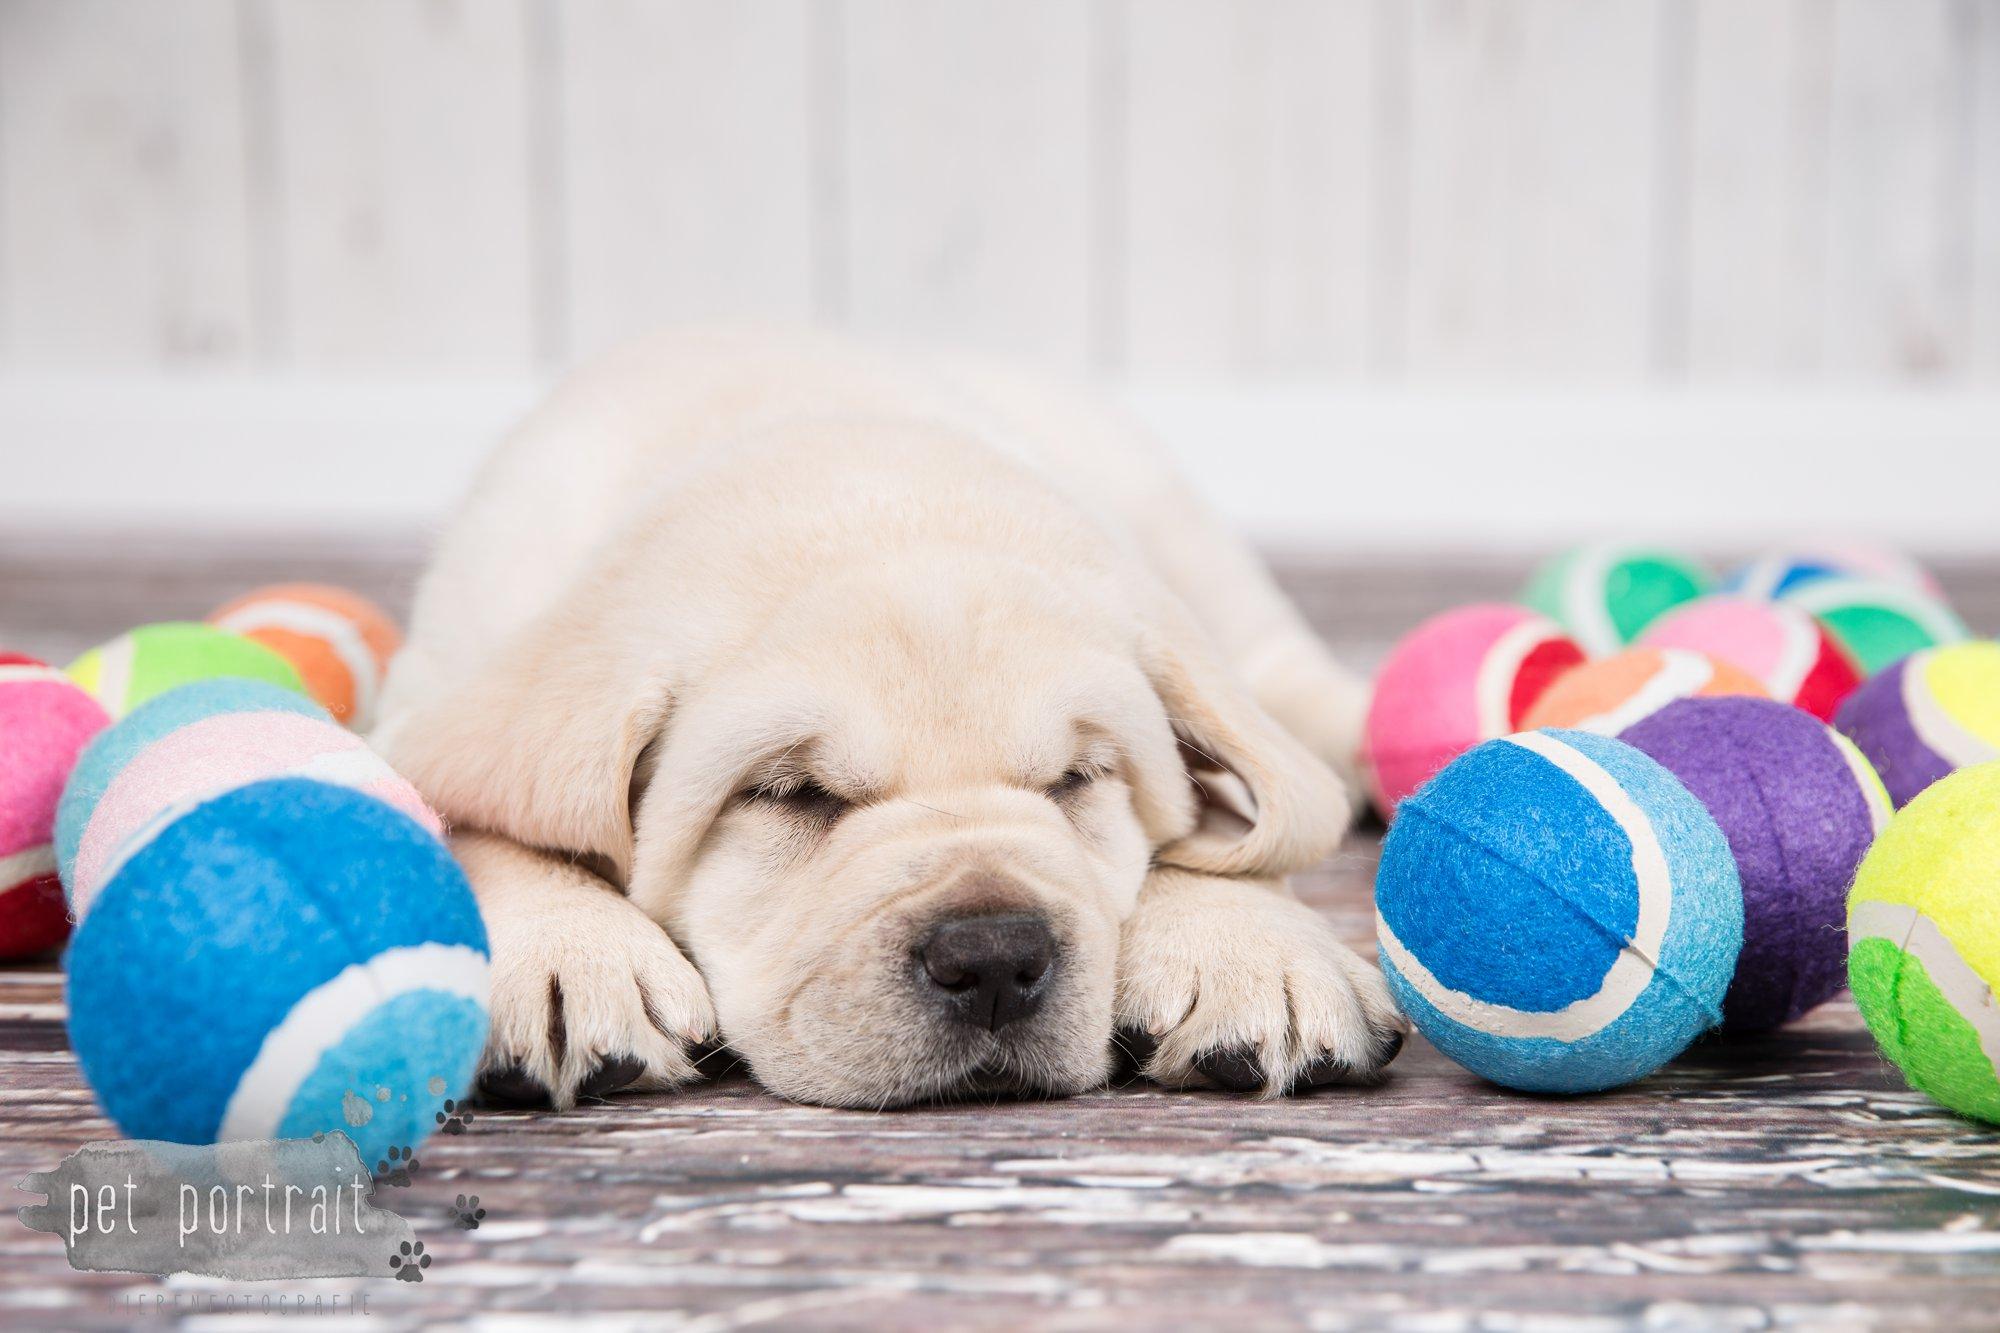 Hondenfotograaf Hillegom - Nestfotoshoot voor Labrador pups-39